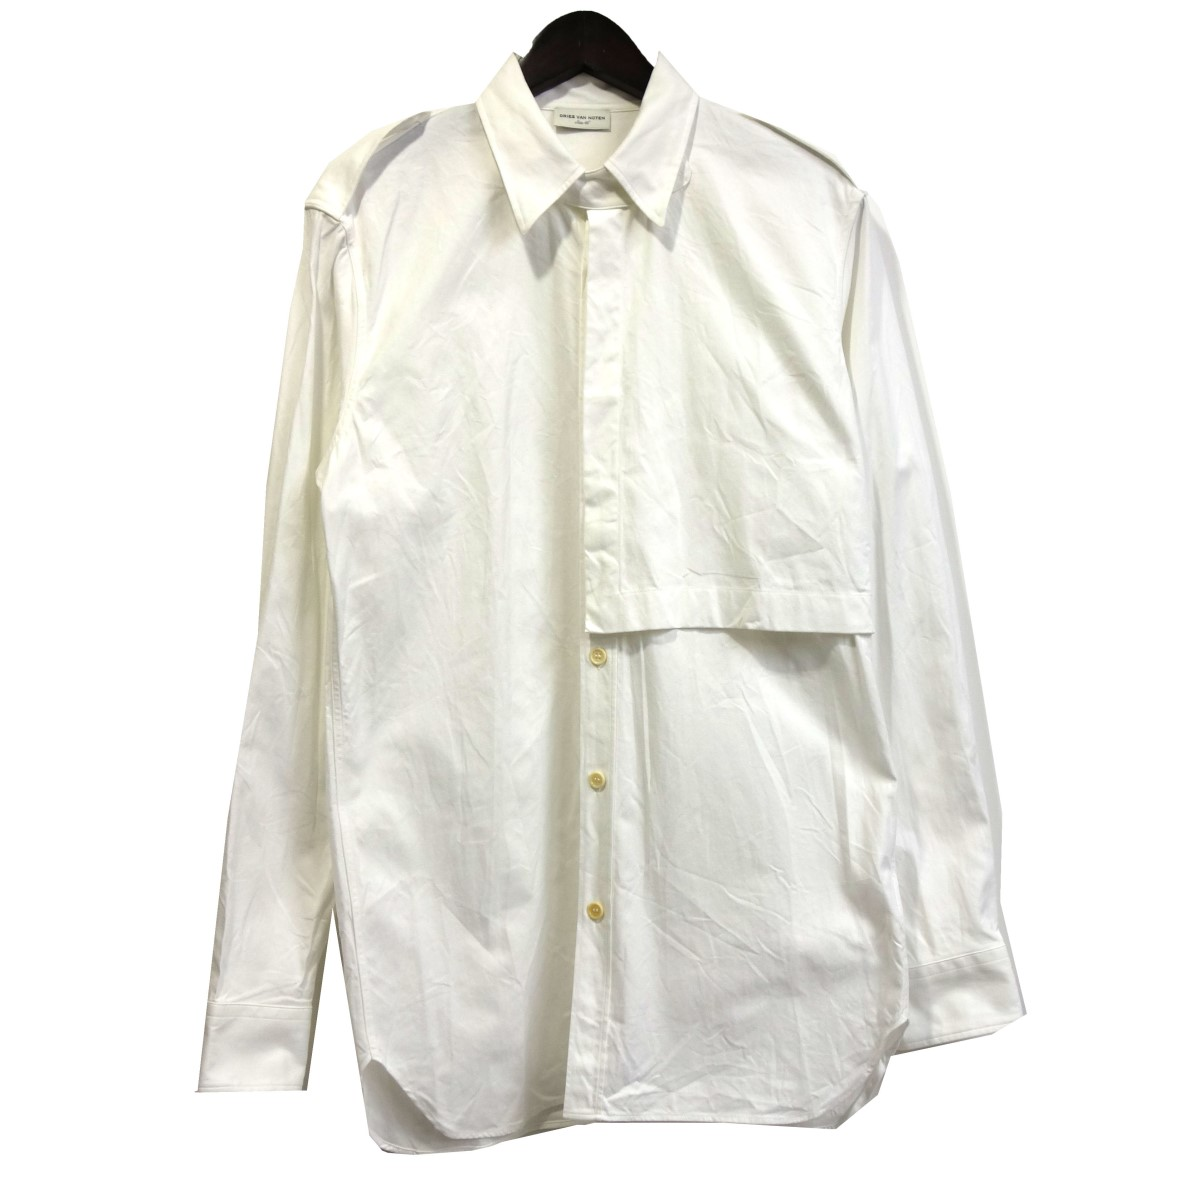 【中古】DRIES VAN NOTEN ミリタリーロングシャツ ホワイト サイズ:46 【110420】(ドリスヴァンノッテン)